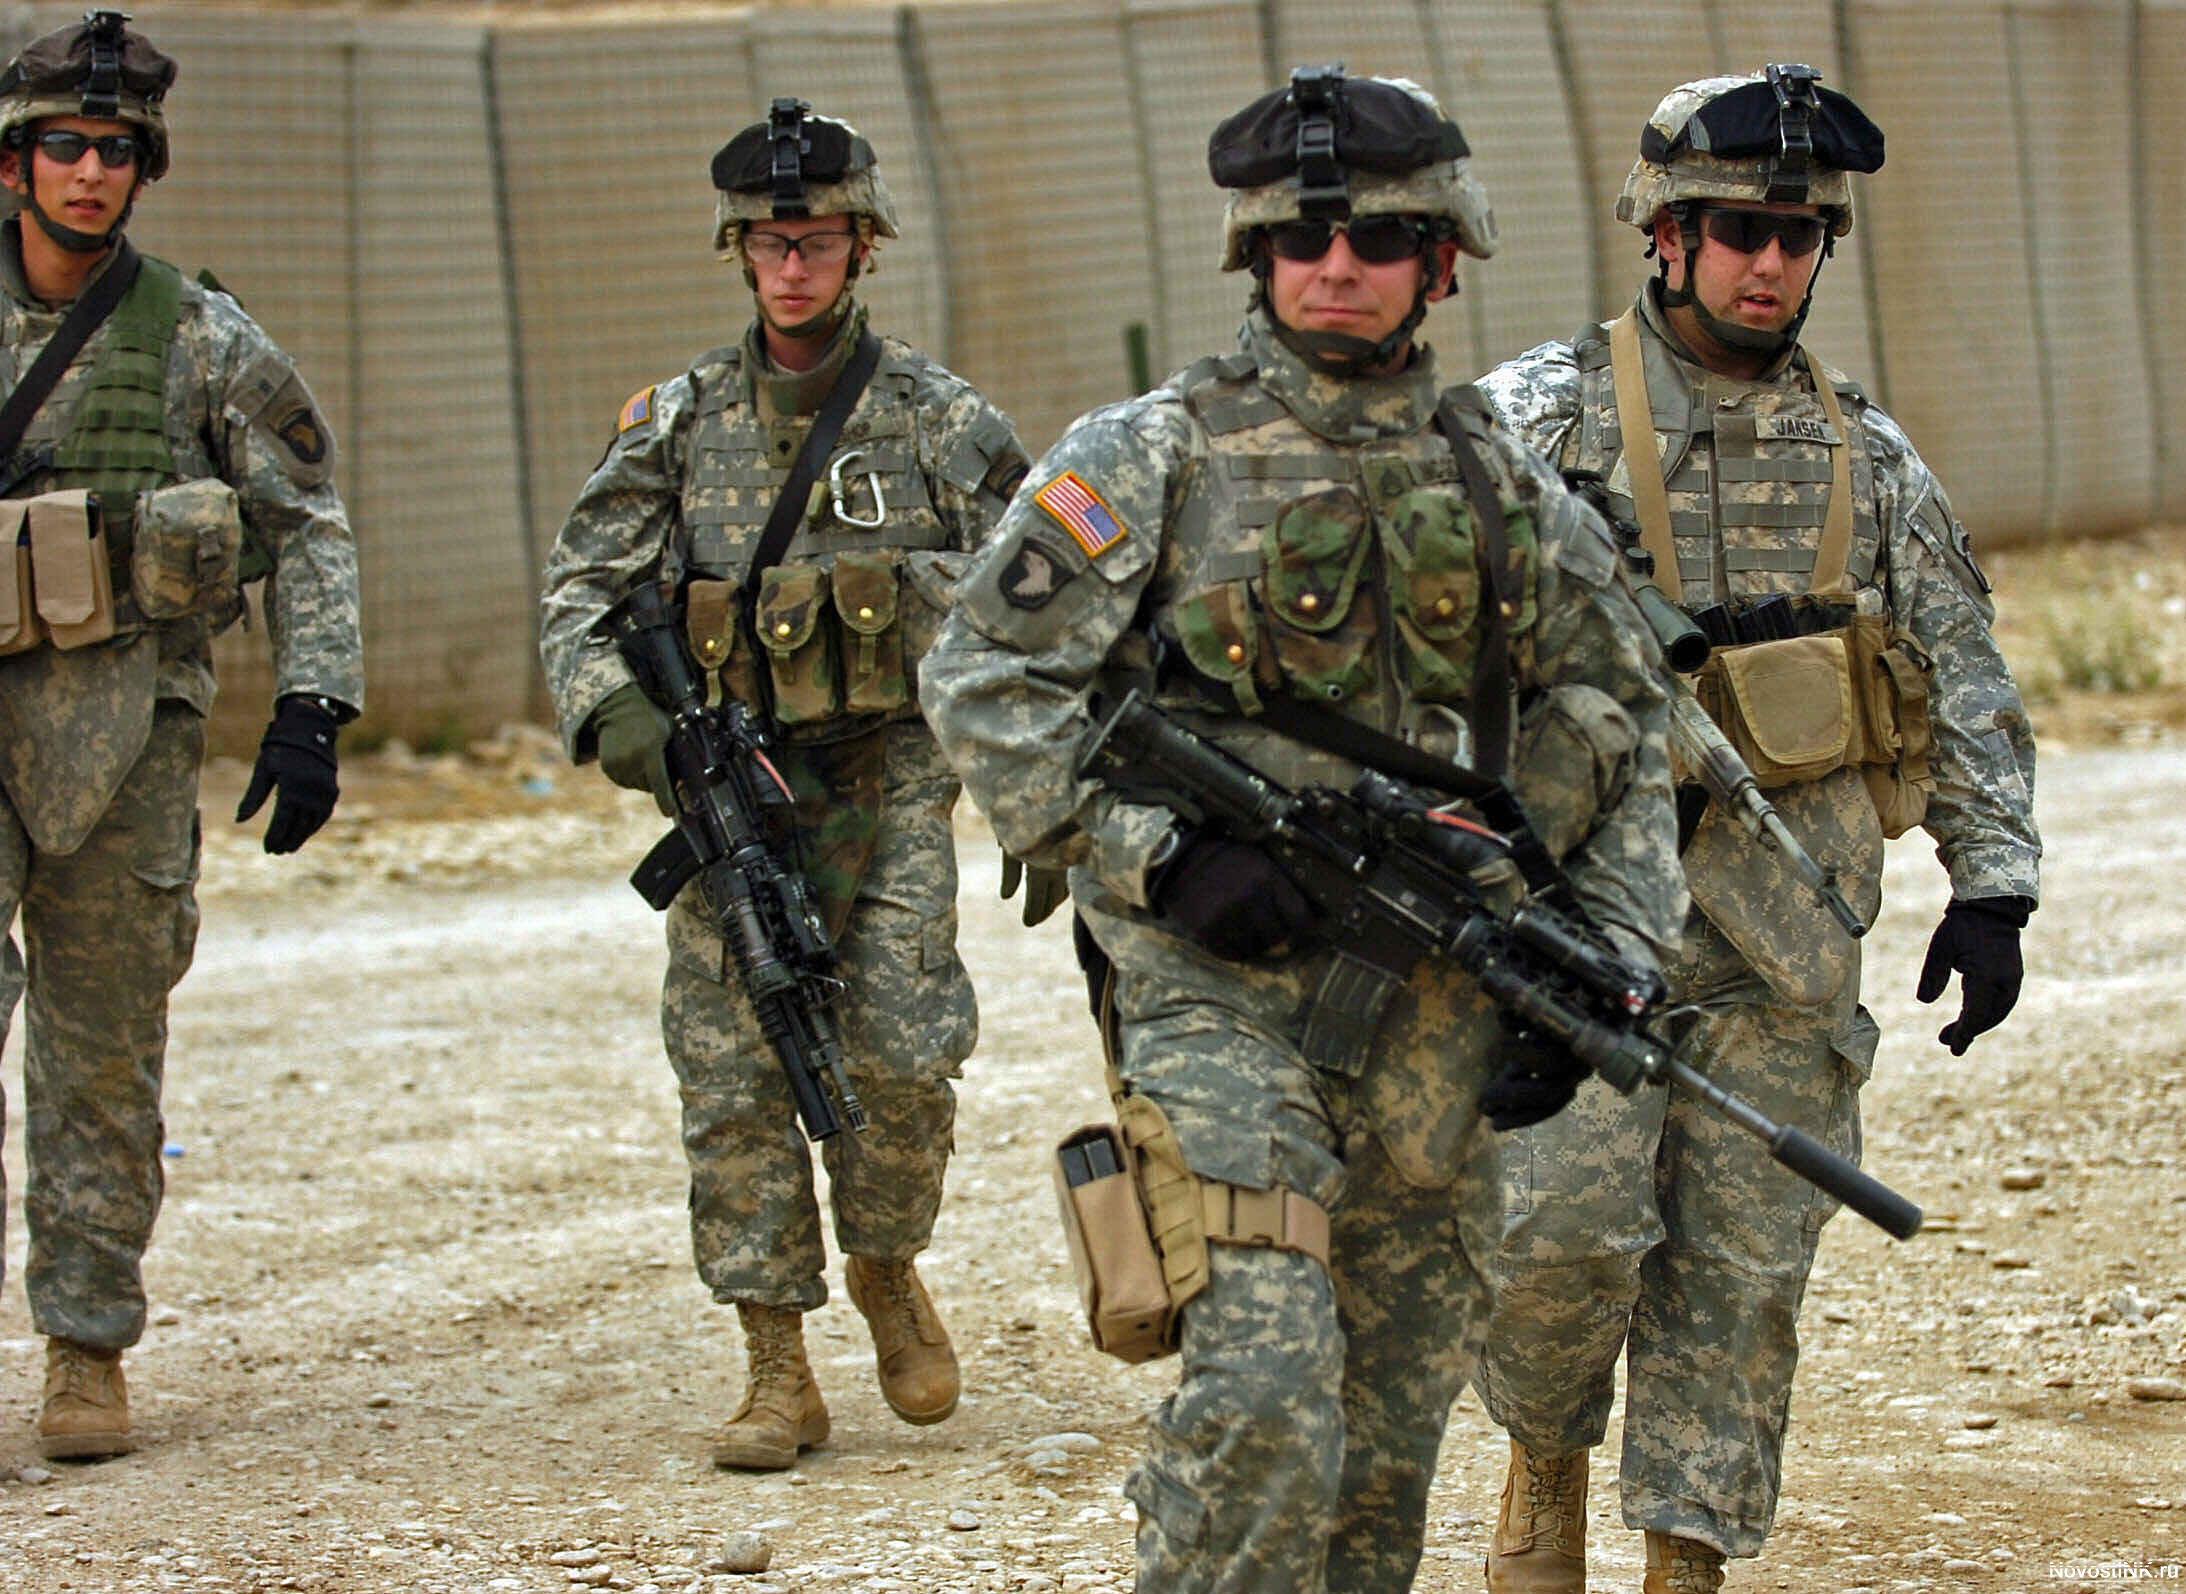 США хотят повысить плату за размещение своих войск в других странах | Новости Приднестровья